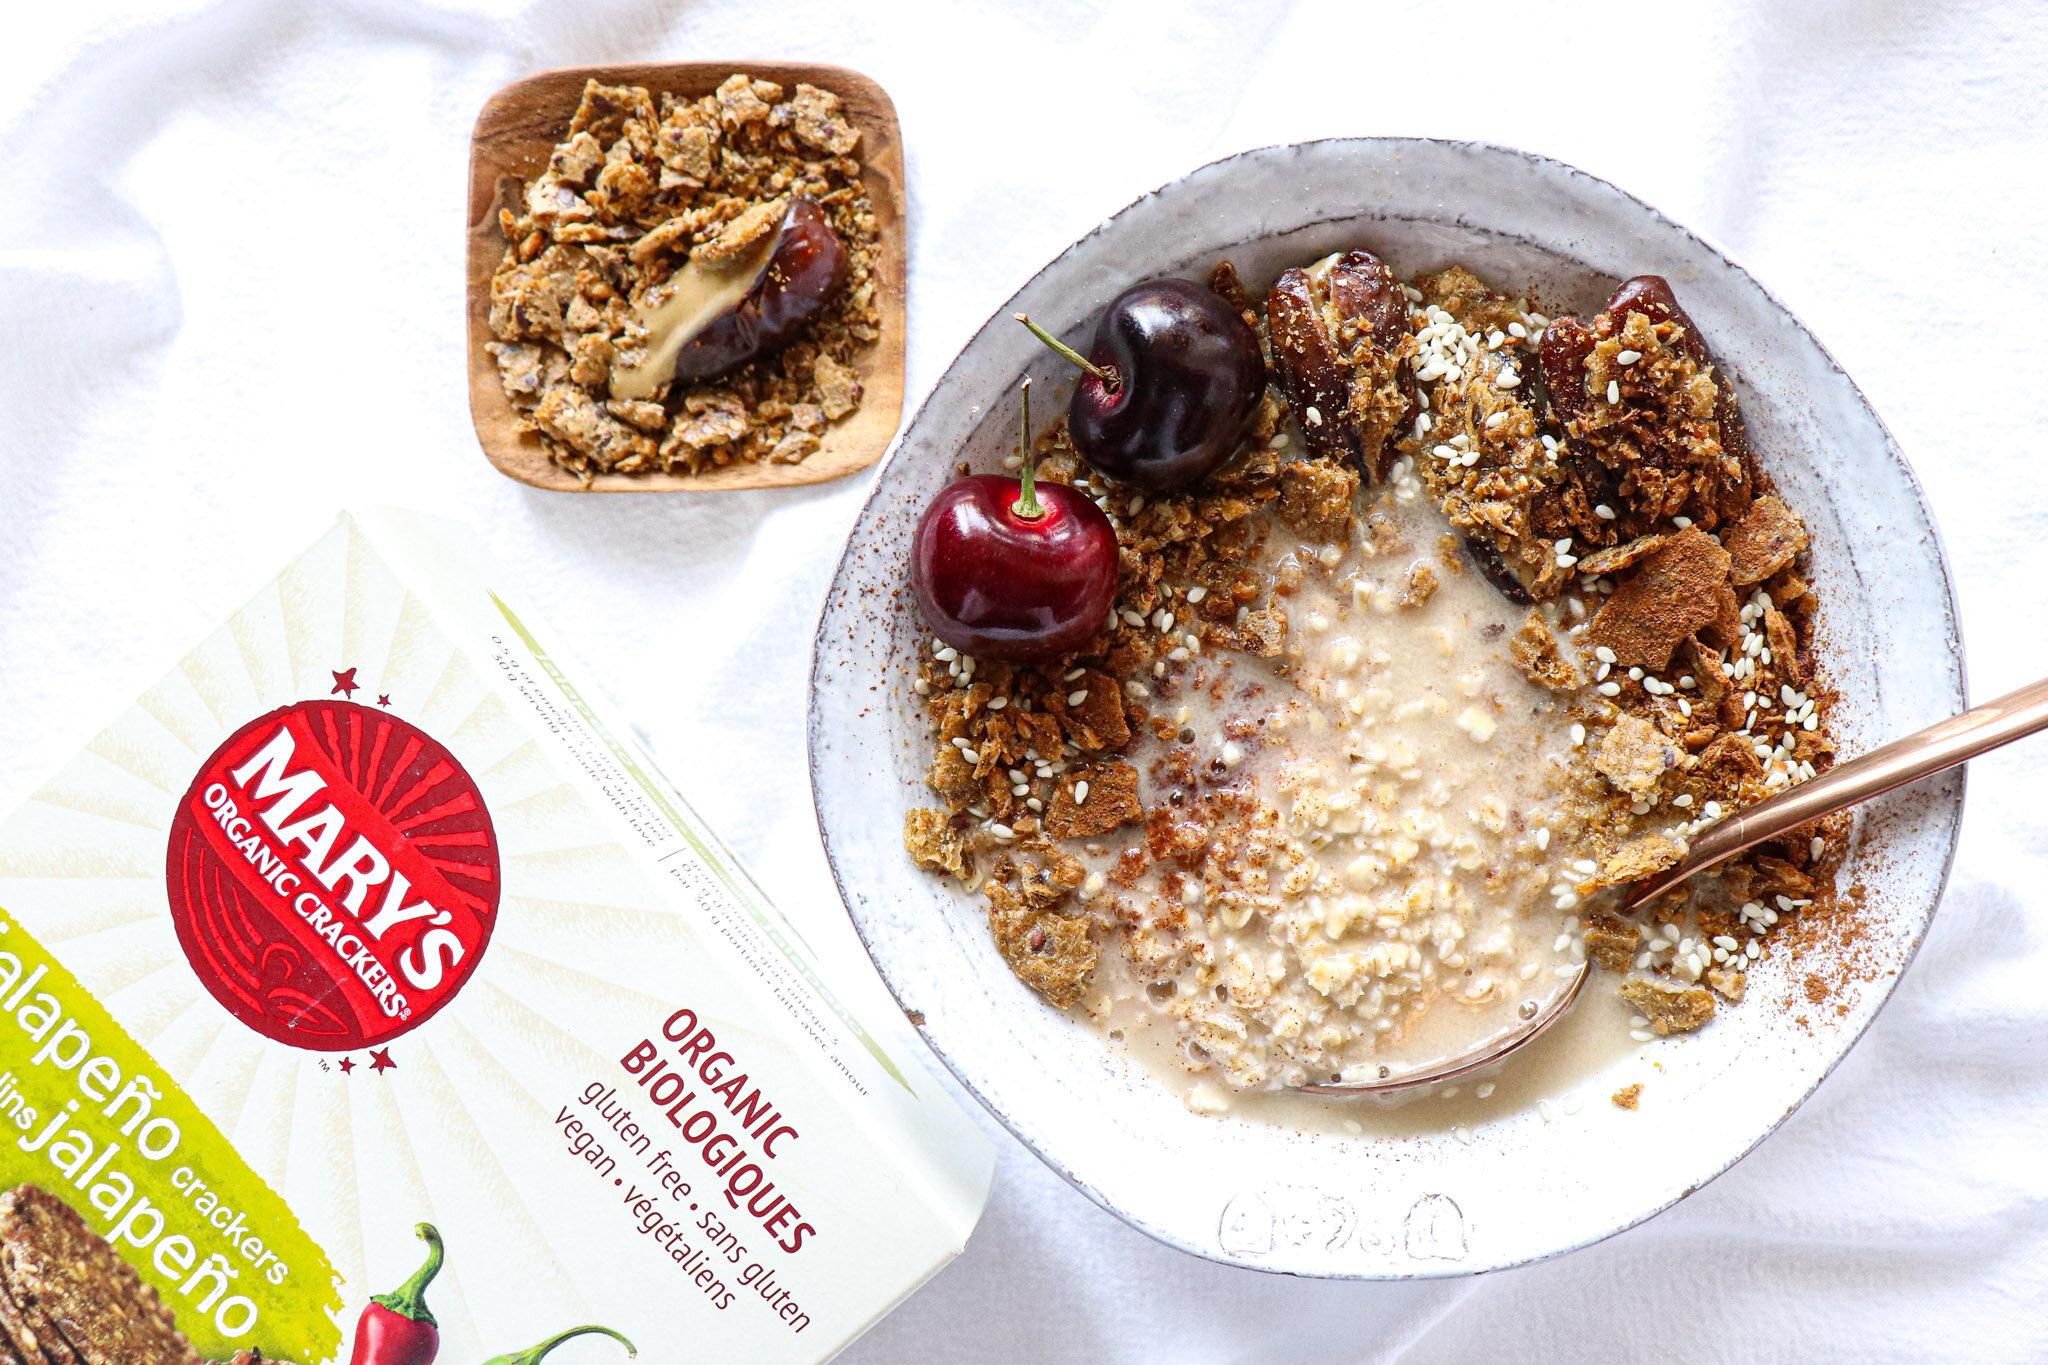 Marys Gone Crackers - Stuffed Dates and Crackermeal Oatmeal-3.jpg